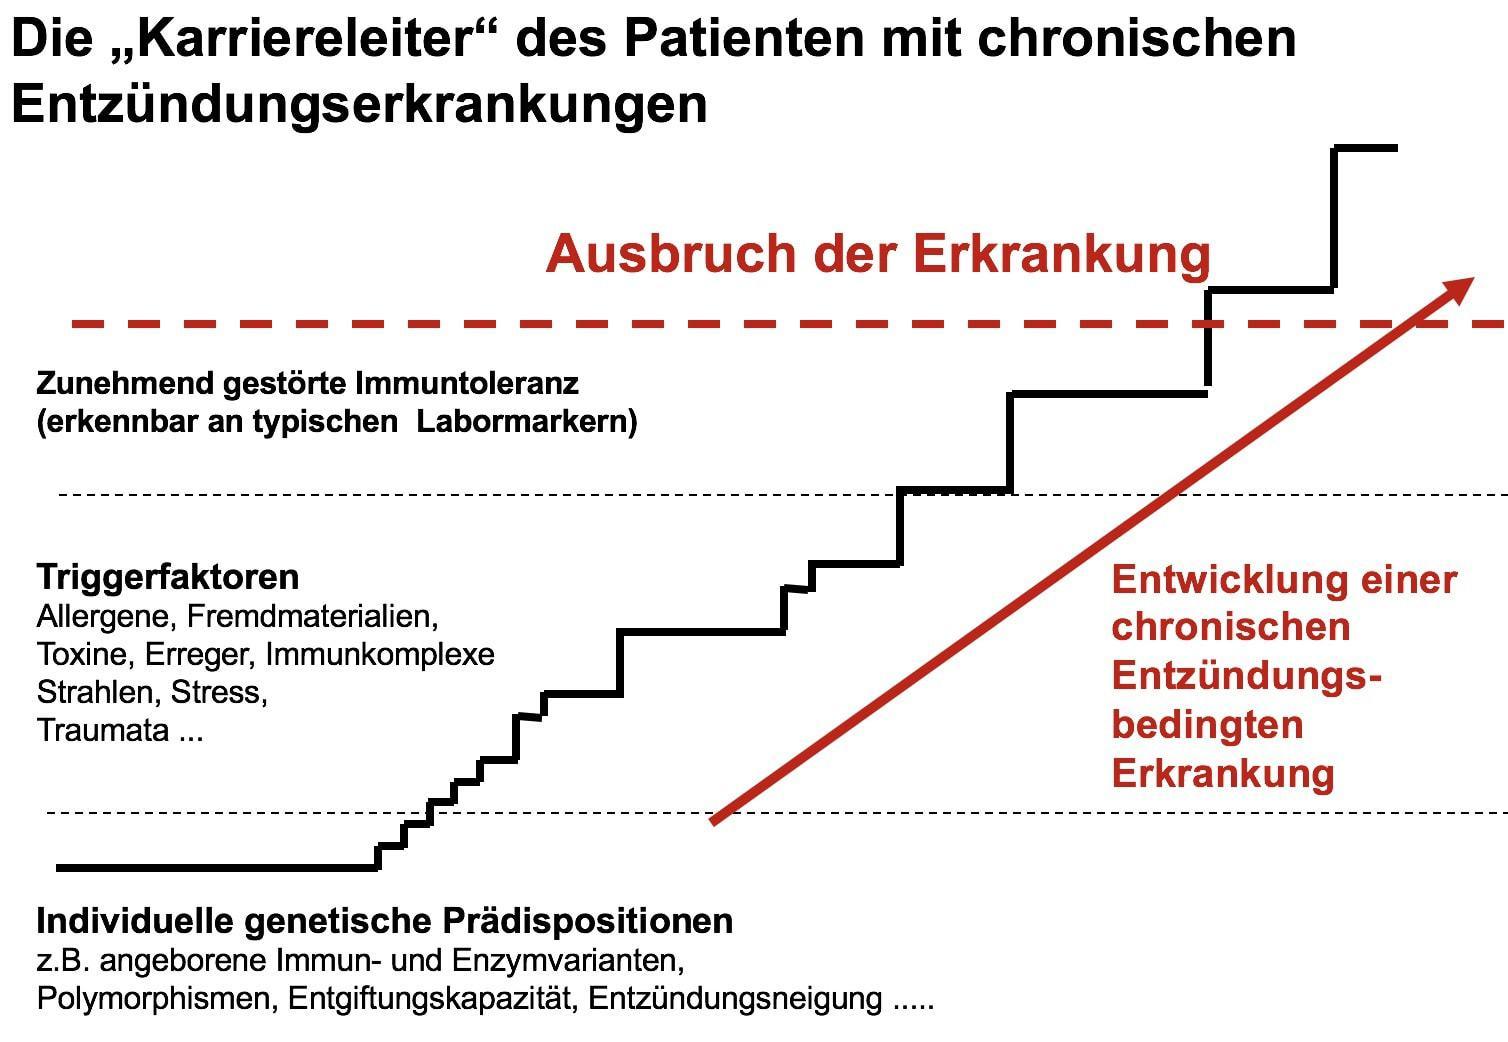 Zahnarzt in St.Gallen Karriereleiter bei chronischen Entzündungen